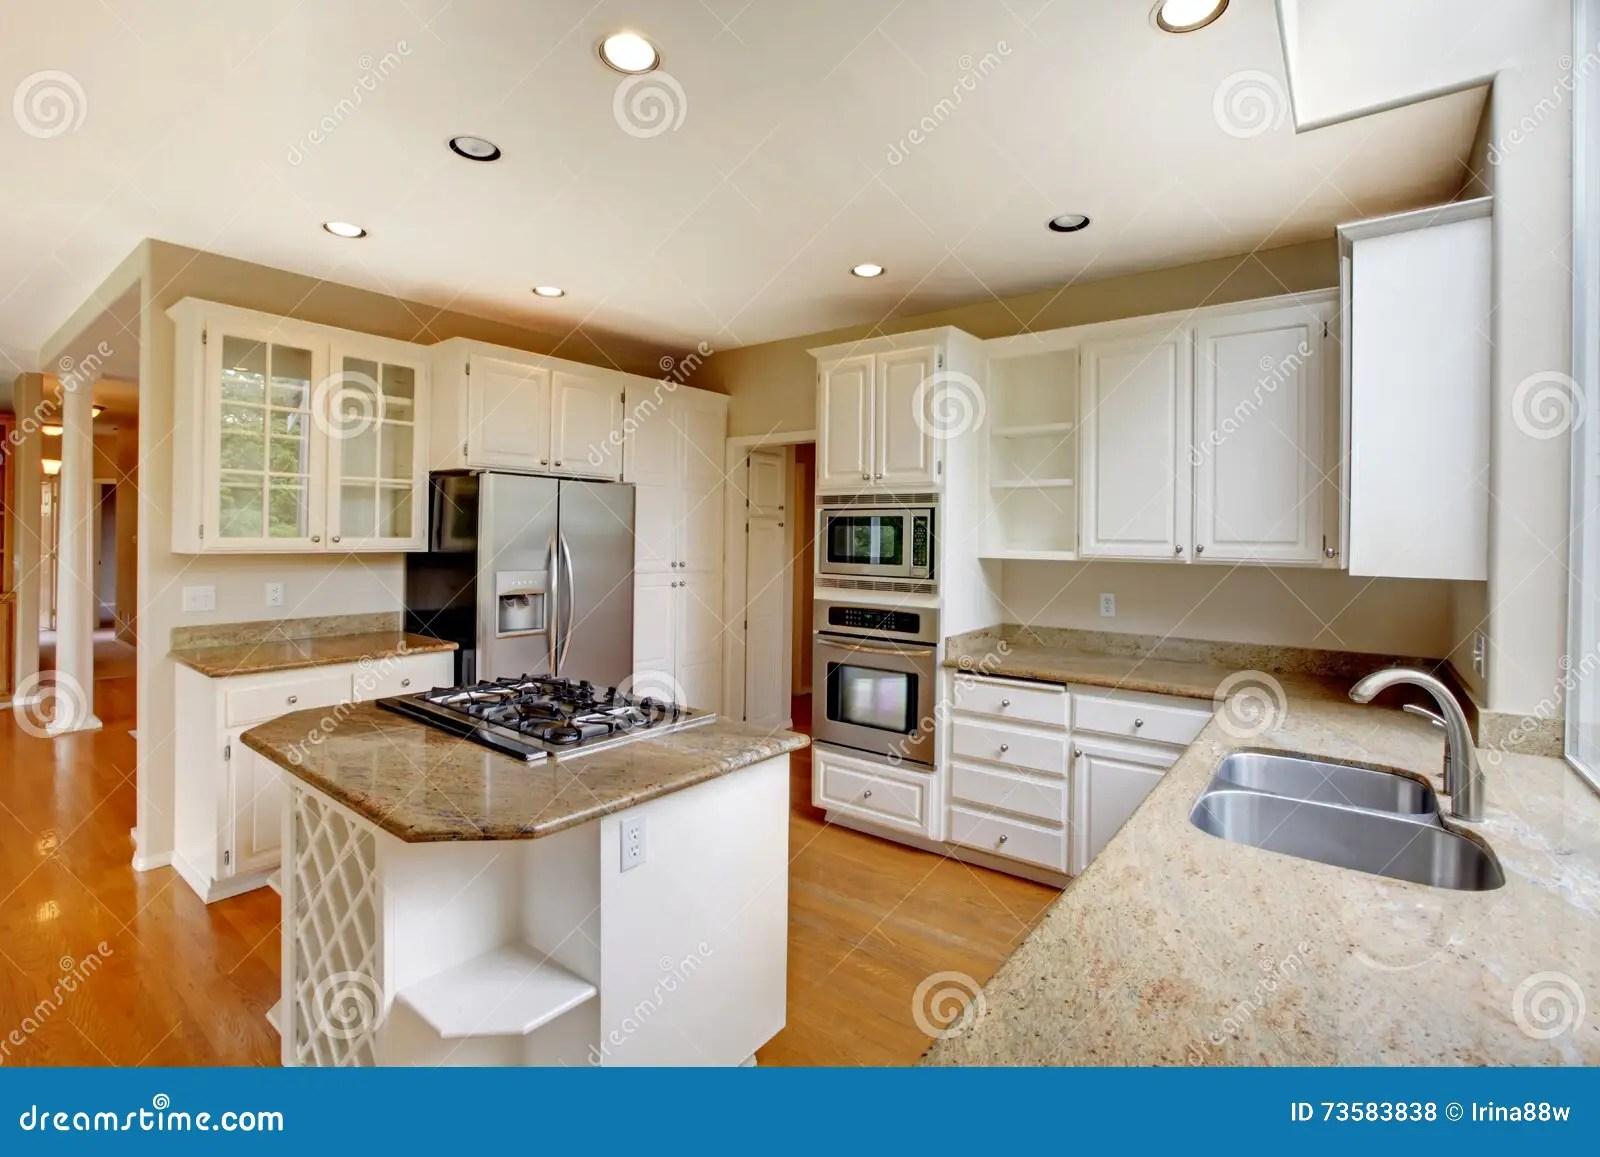 Cucina Con Frigo Americano   Cucine Moderne Con Frigo Esterno Bj89 ...